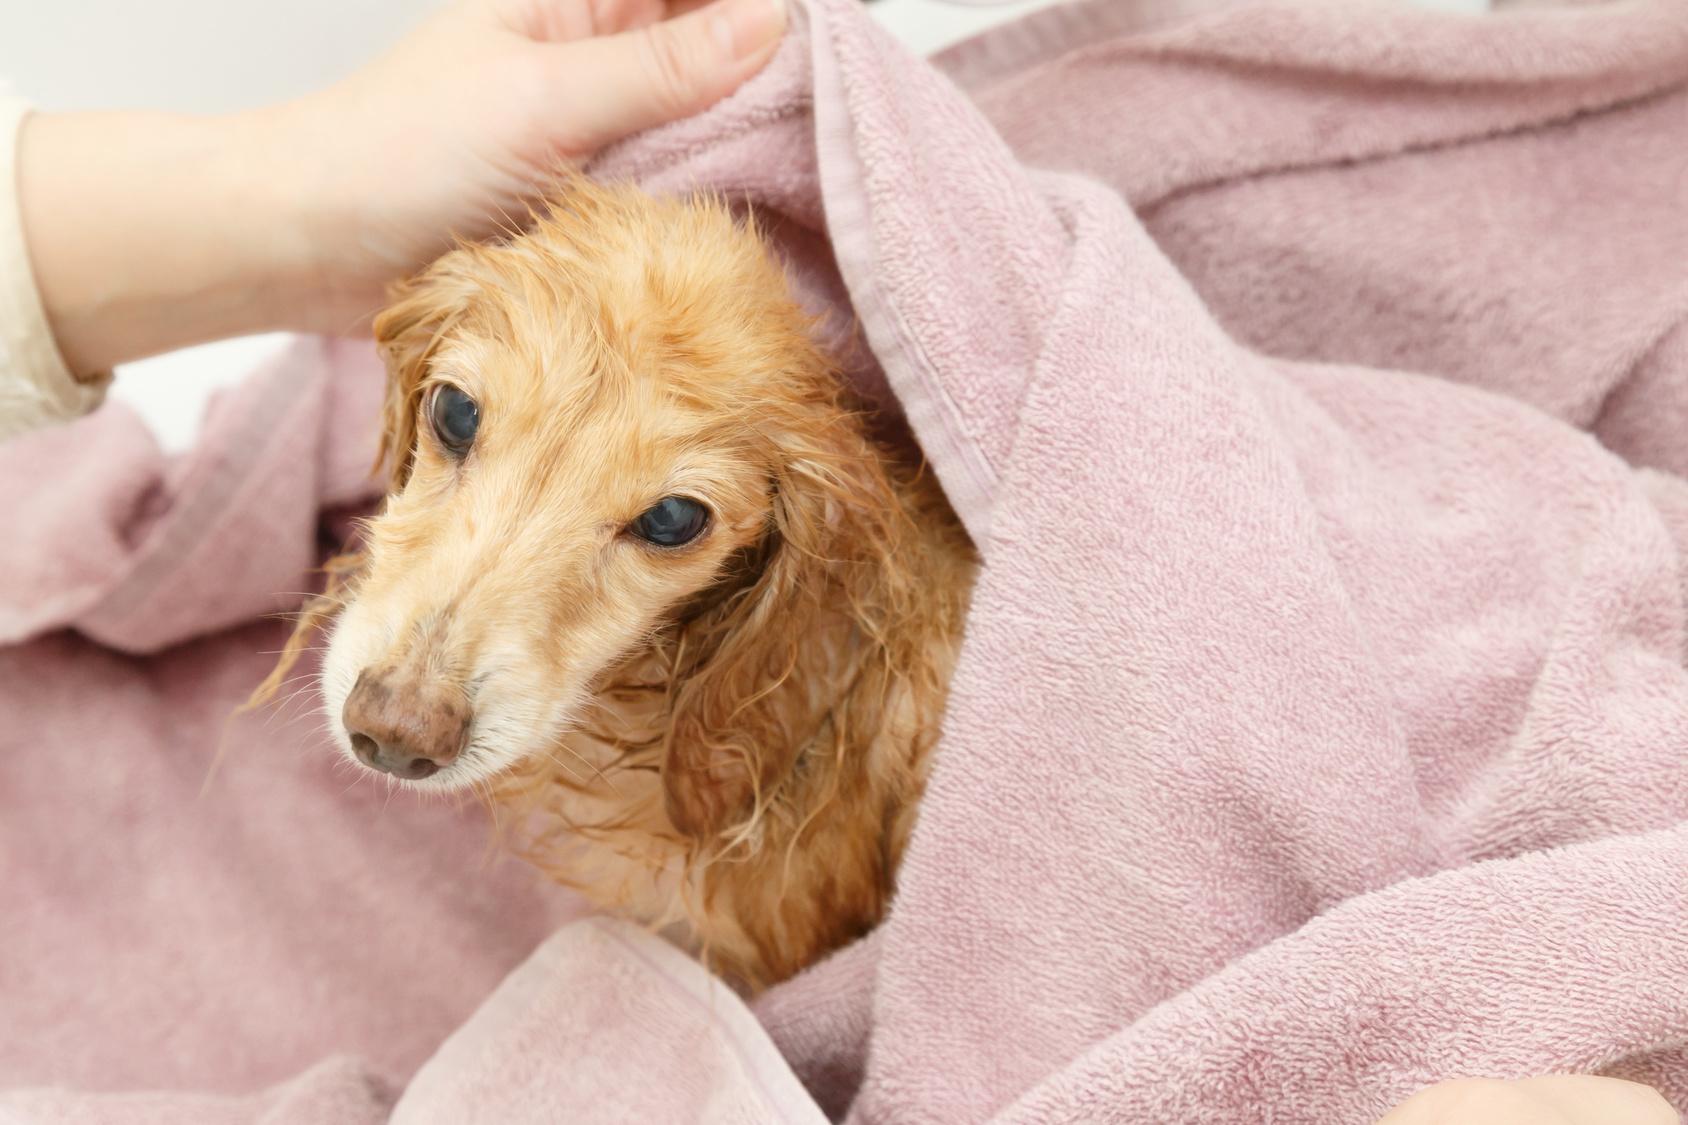 濡れたまま走り回らないで…!シャンプー後の犬の効率的な乾かし方